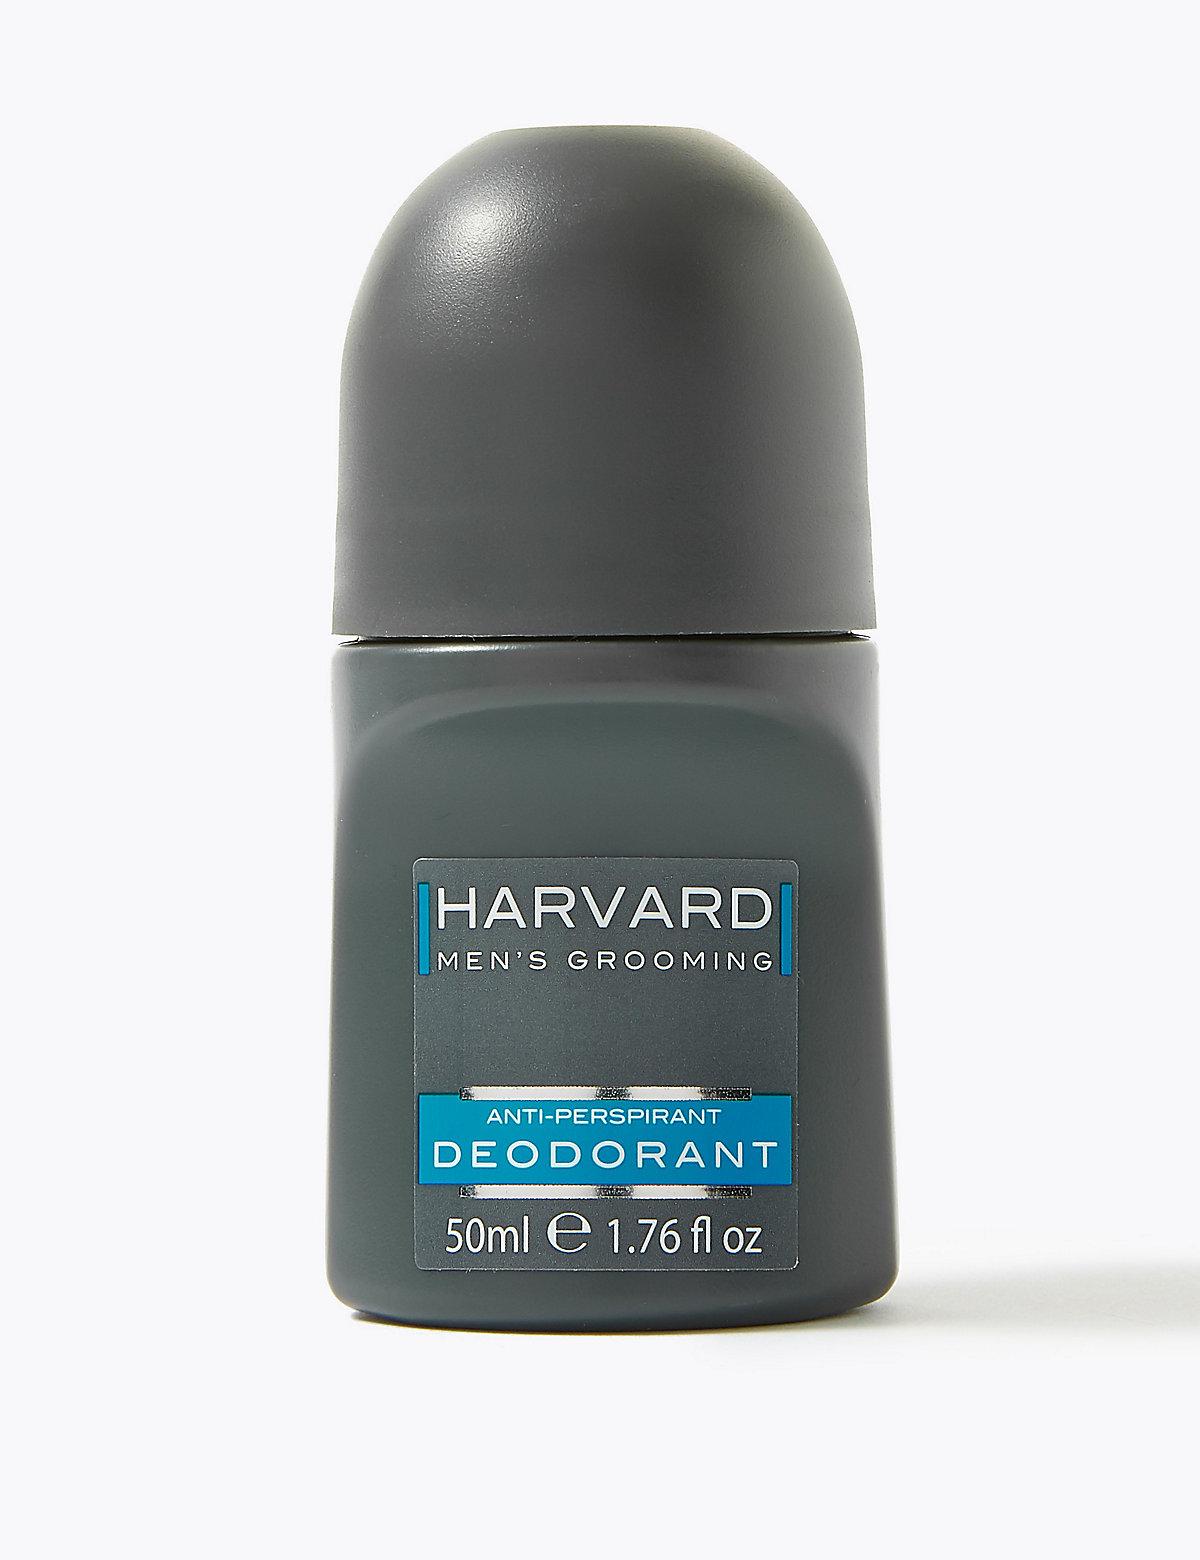 Harvard Anti-Perspirant Roll on Deodorant 50ml